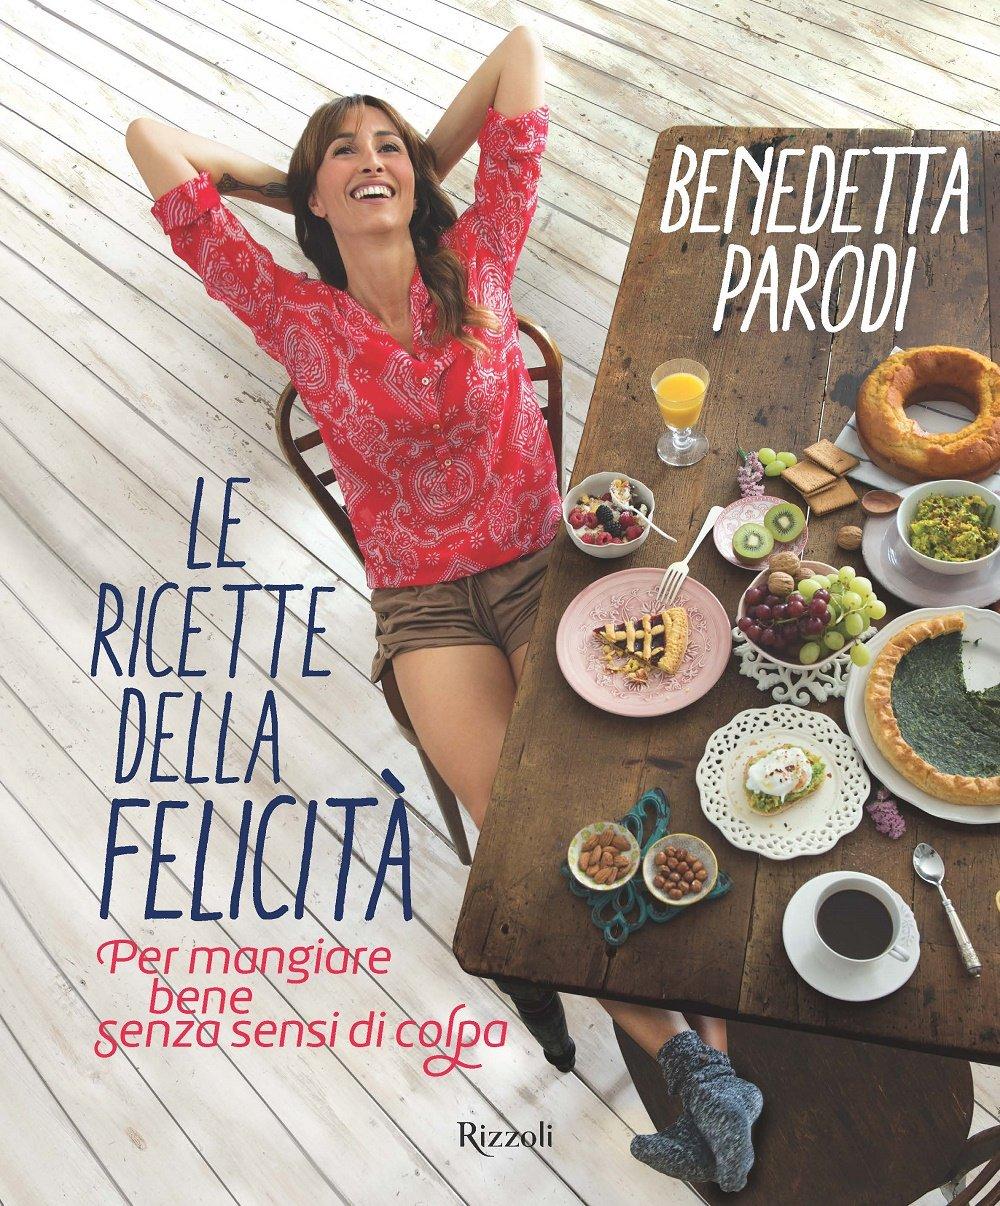 Libri di cucina le ricette della felicit in cucina for Libri di cucina per principianti